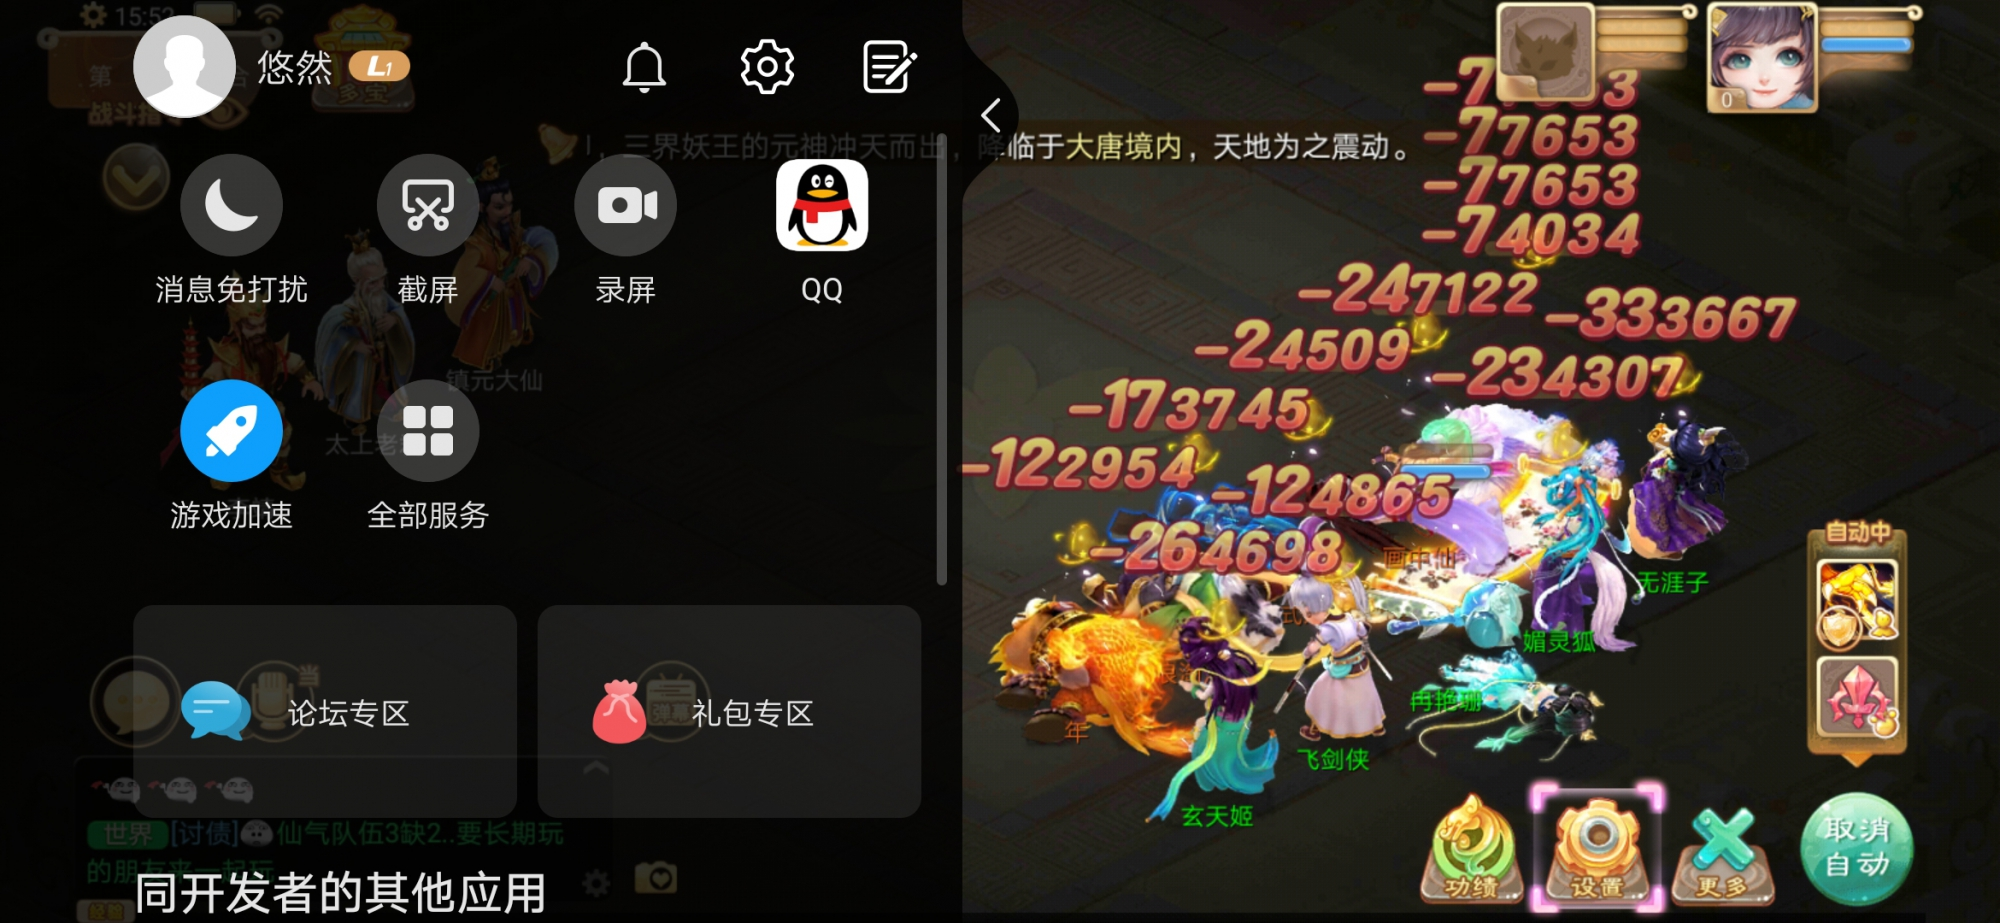 Screenshot_20190911_155229_com.netease.dhxy.huawe.jpg